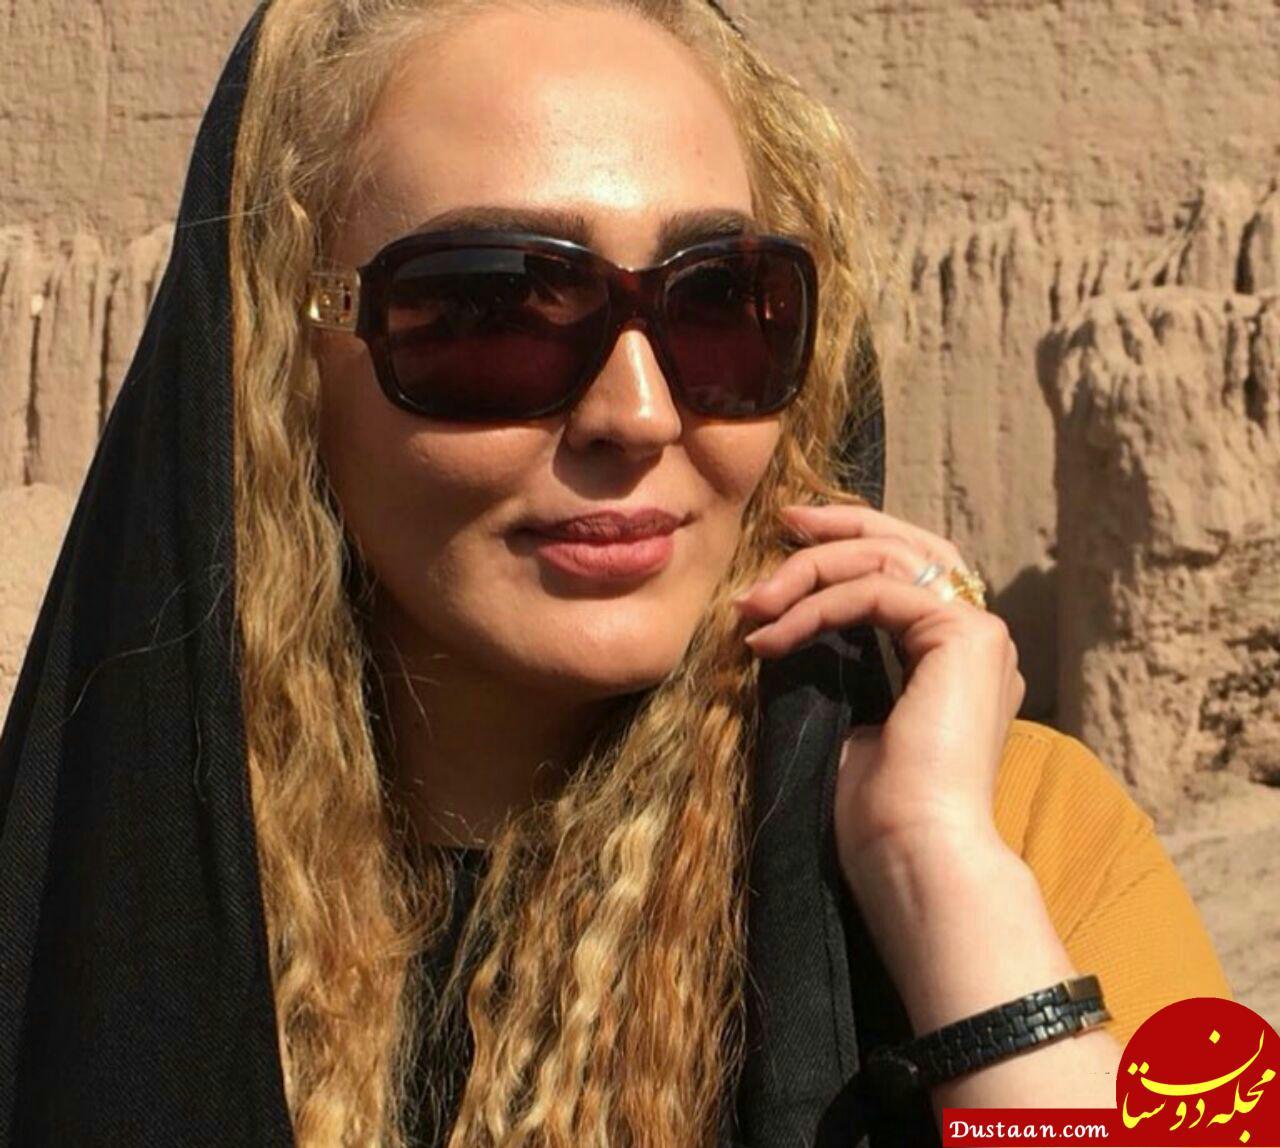 www.dustaan.com در شغل ما بازیگرها رفیق وجود ندارد/ همه زیرآب همدیگر را می زنند!